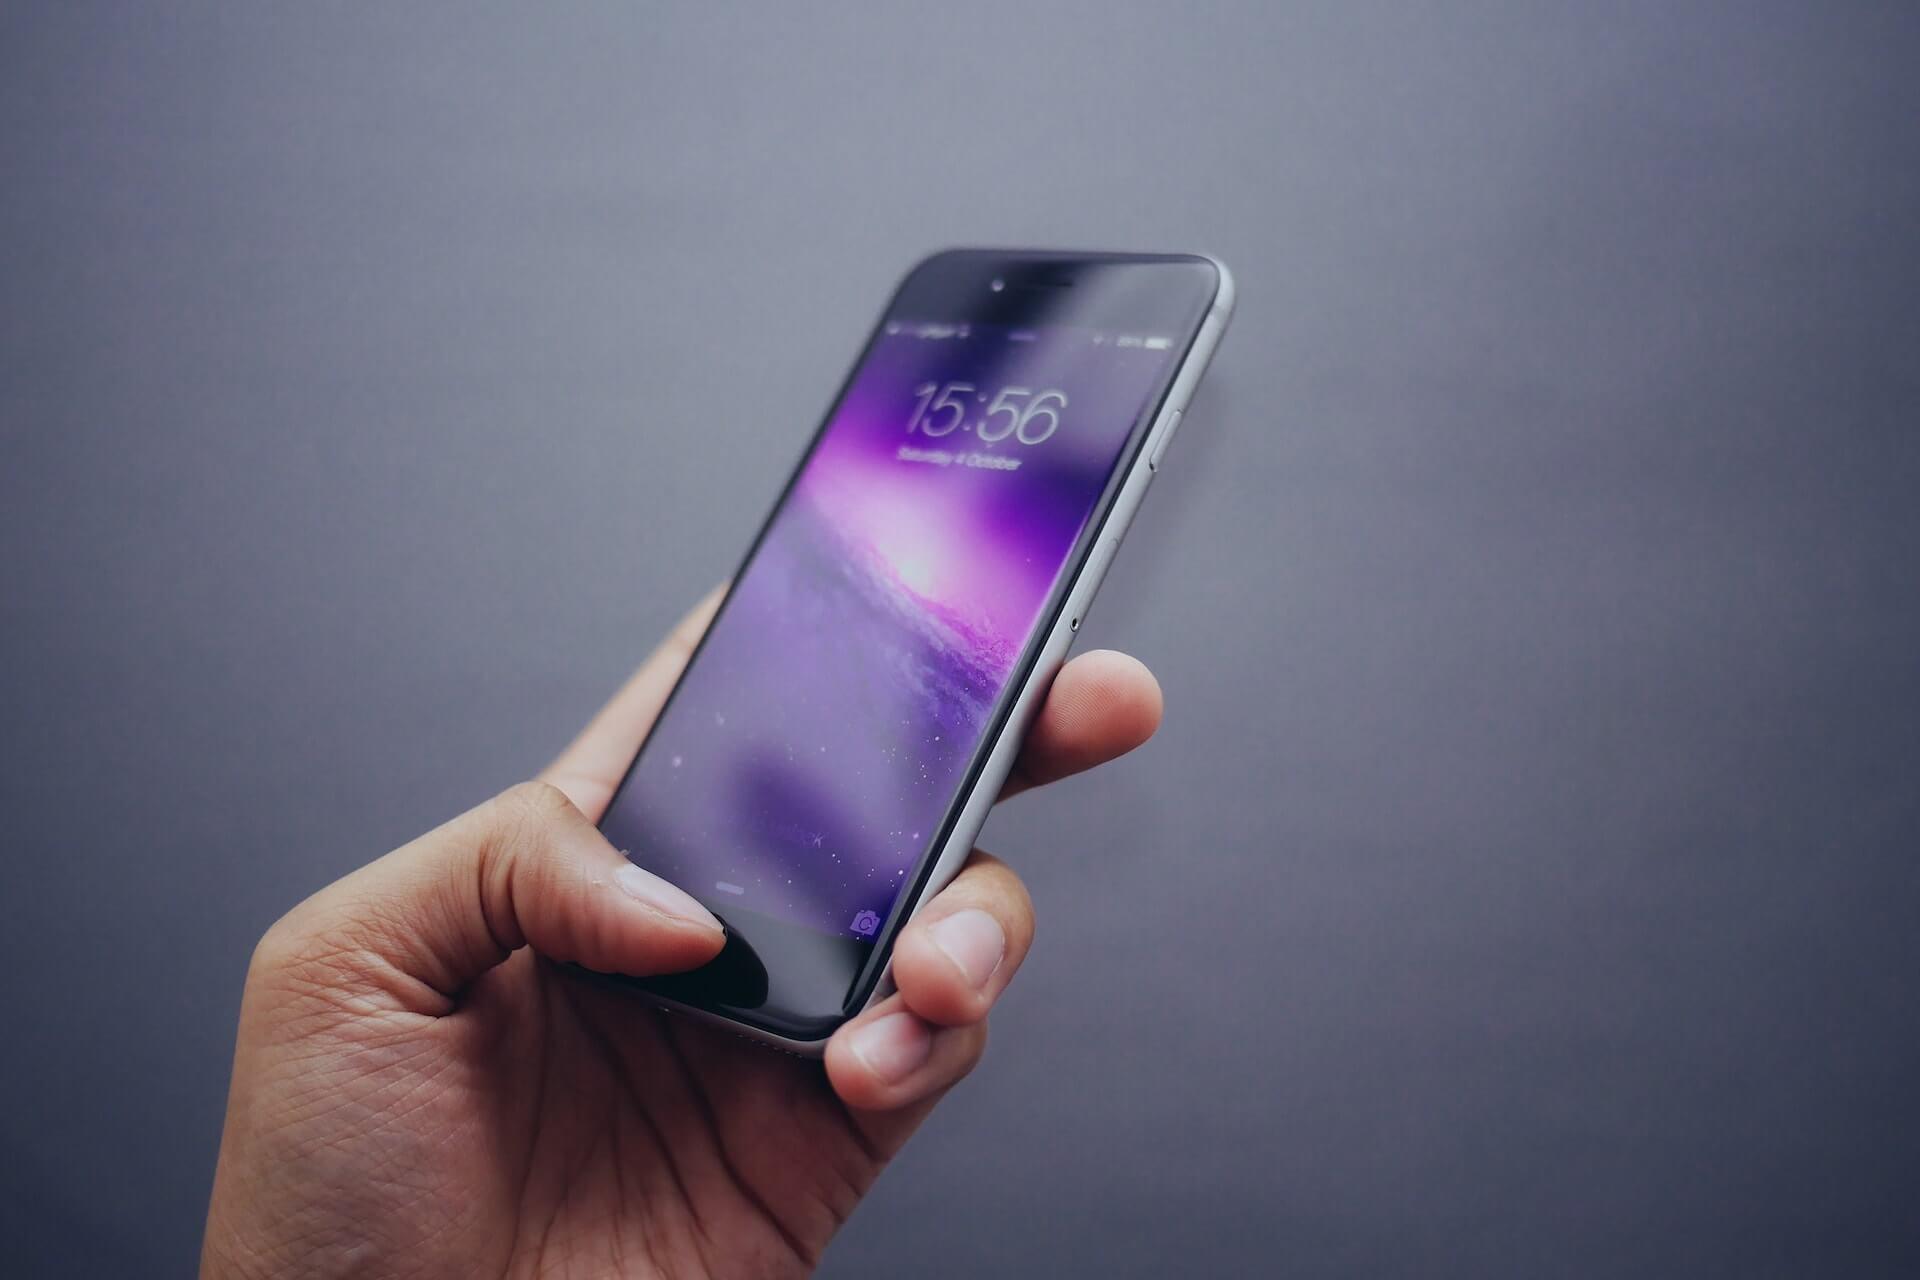 103 个 iOS 13 新功能汇总,iOS 13 哪些改进,iOS 13 如何更新?